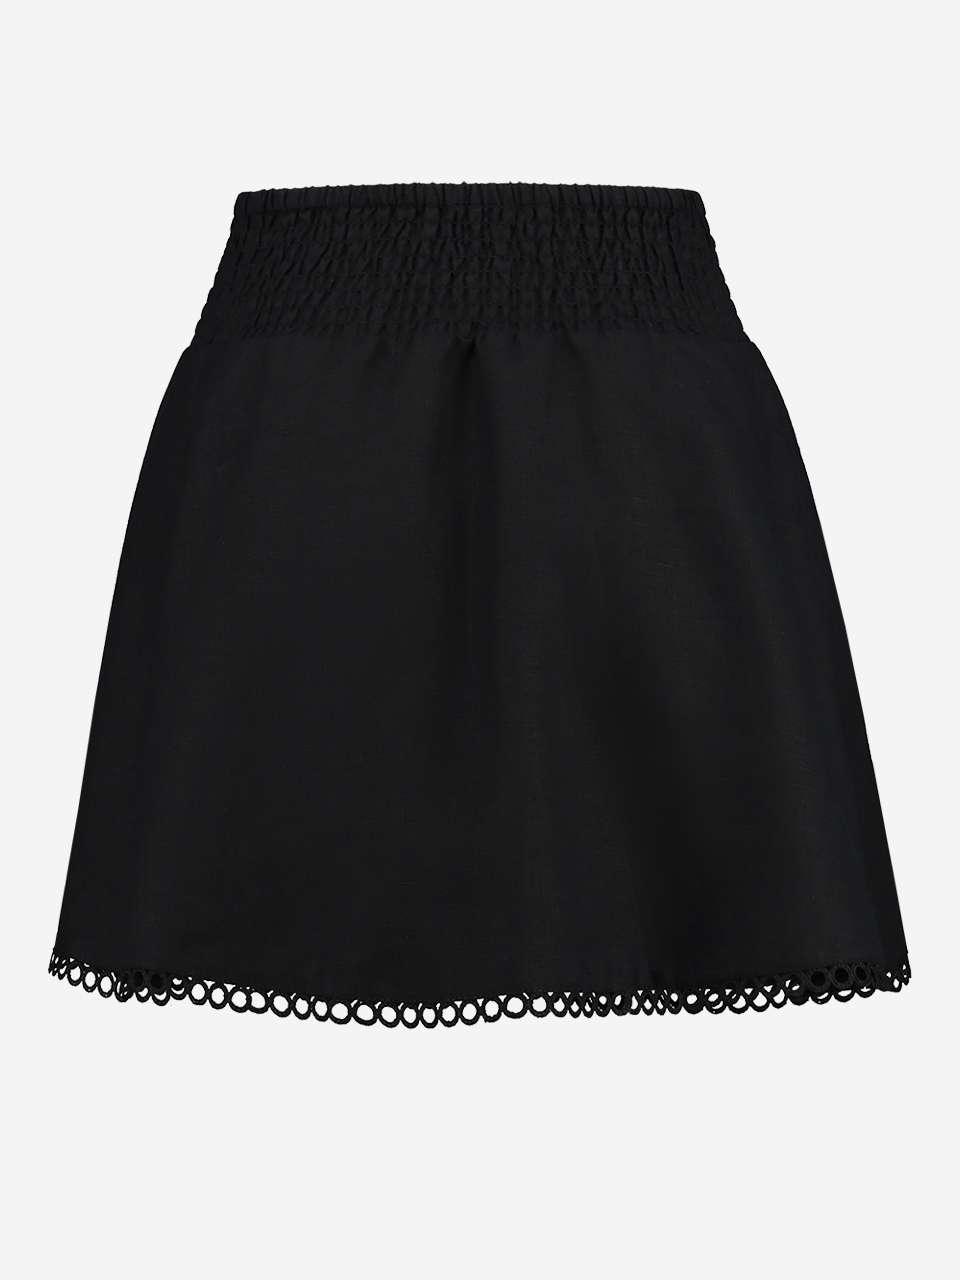 Mini-Skirt-Nikkie_5.jpg